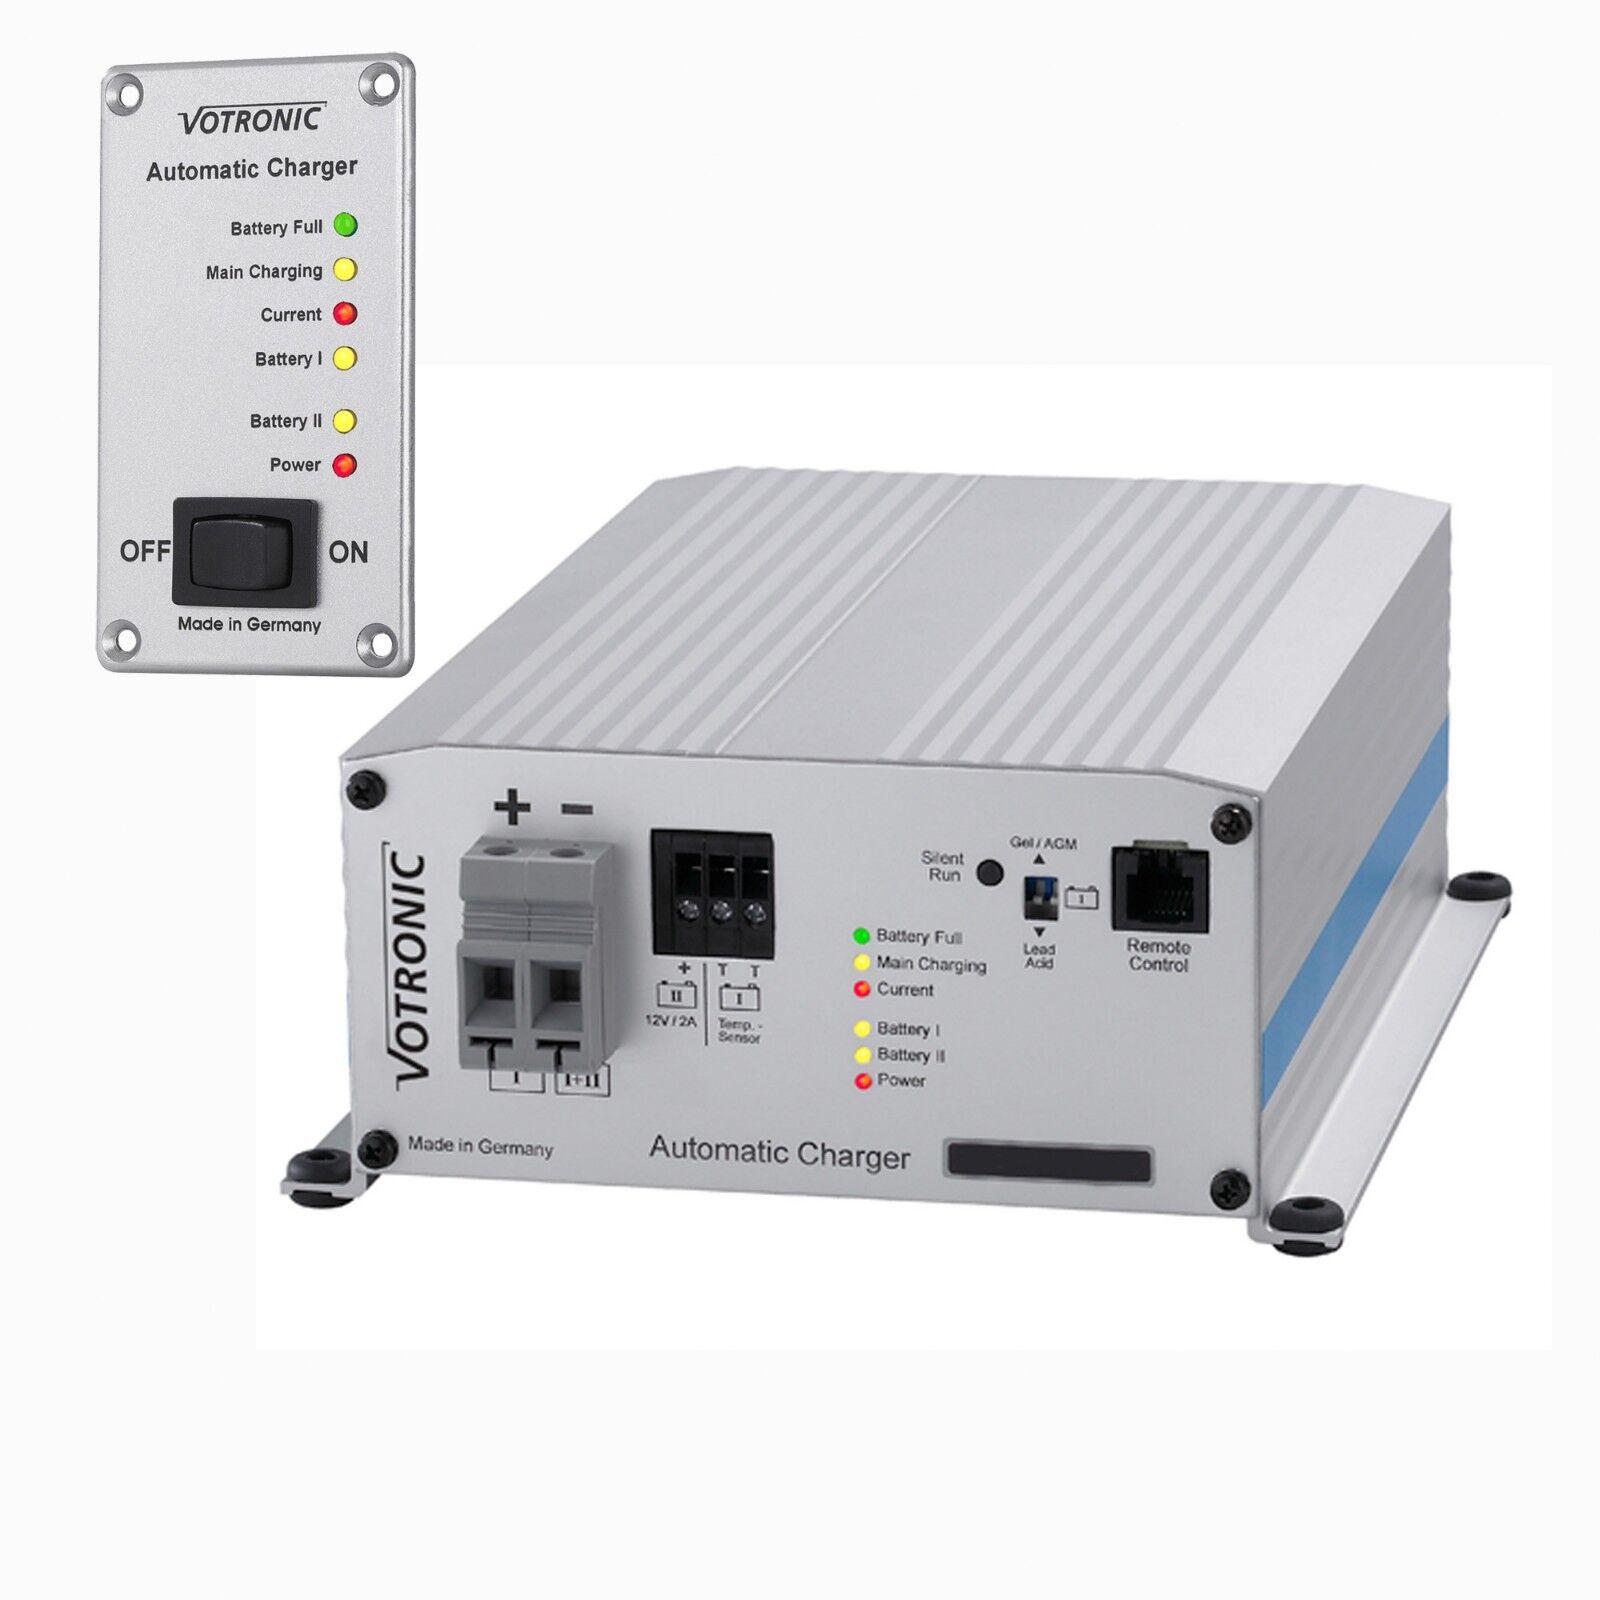 Votronic PB 1230 1230 1230 SMT 2B Neue Serie für Blei-und Lithiumbat.+ Fernbedienung S 06cb64